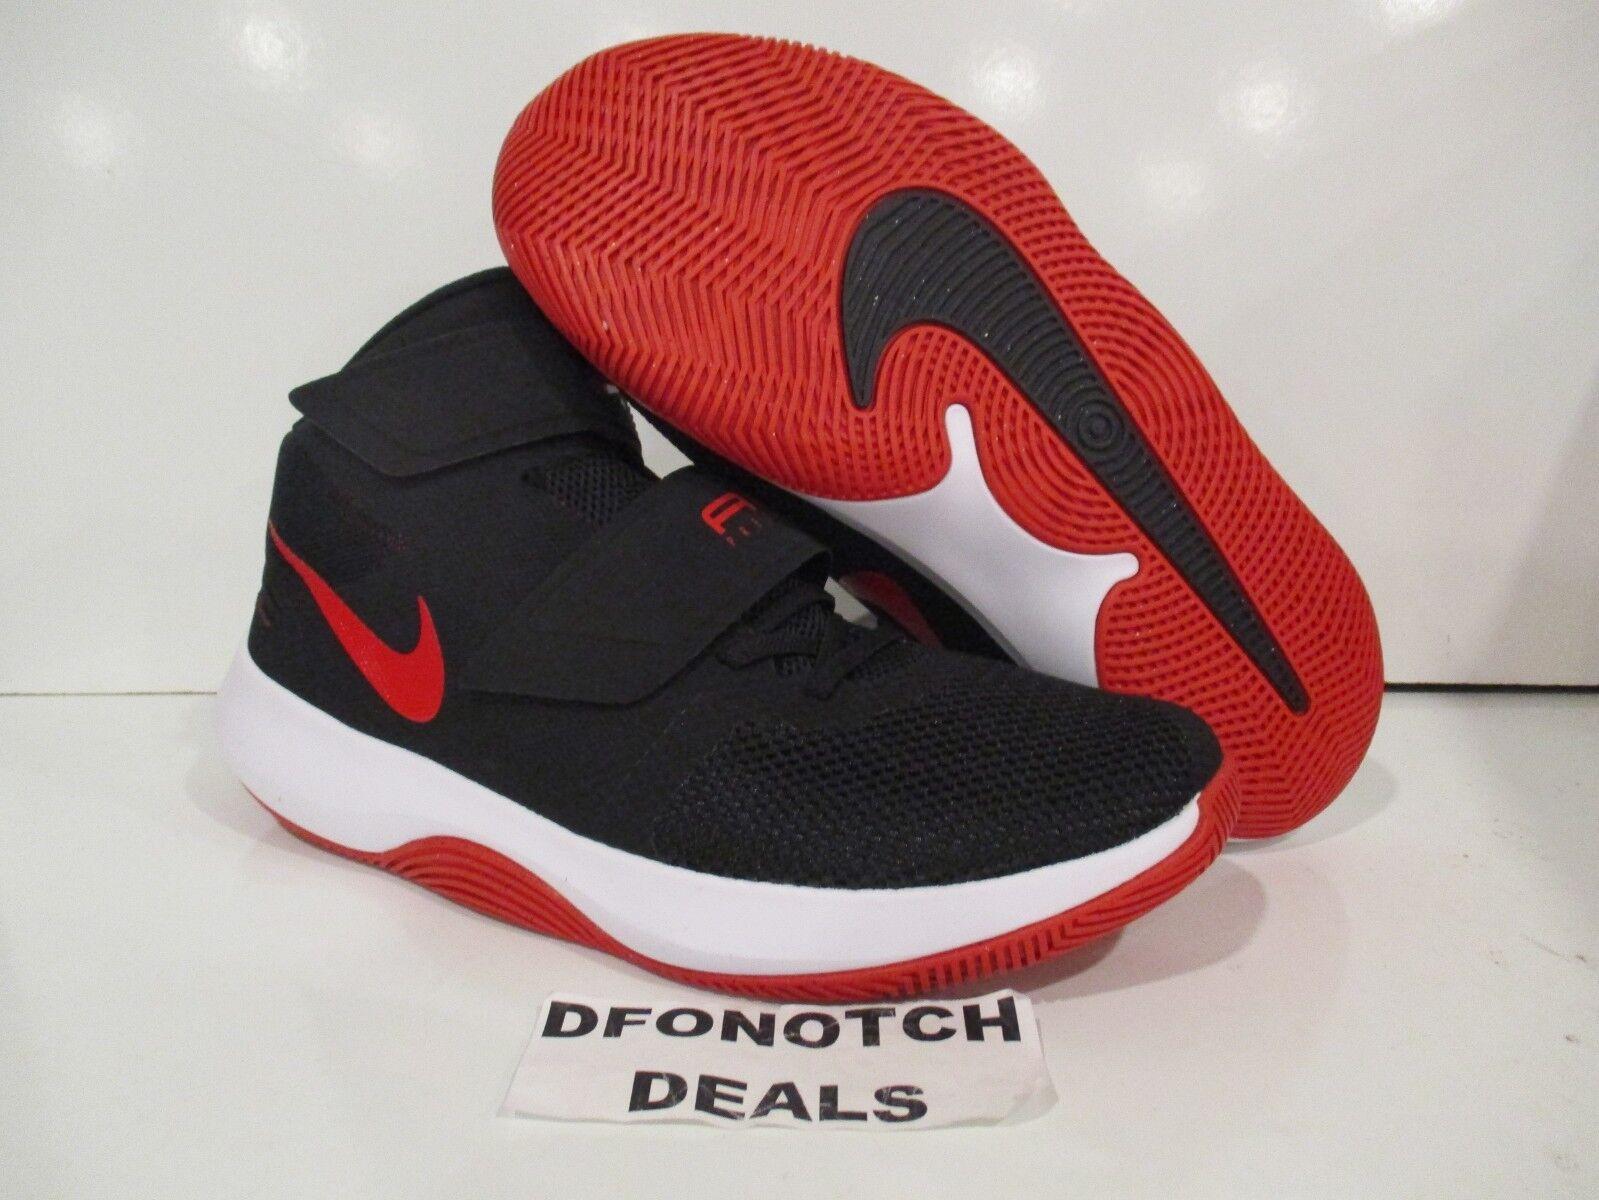 Nike air max ltd 3 3 ltd uomini bianchi di scarpe 687977 sz 8,5  115 nwob 4bab2b